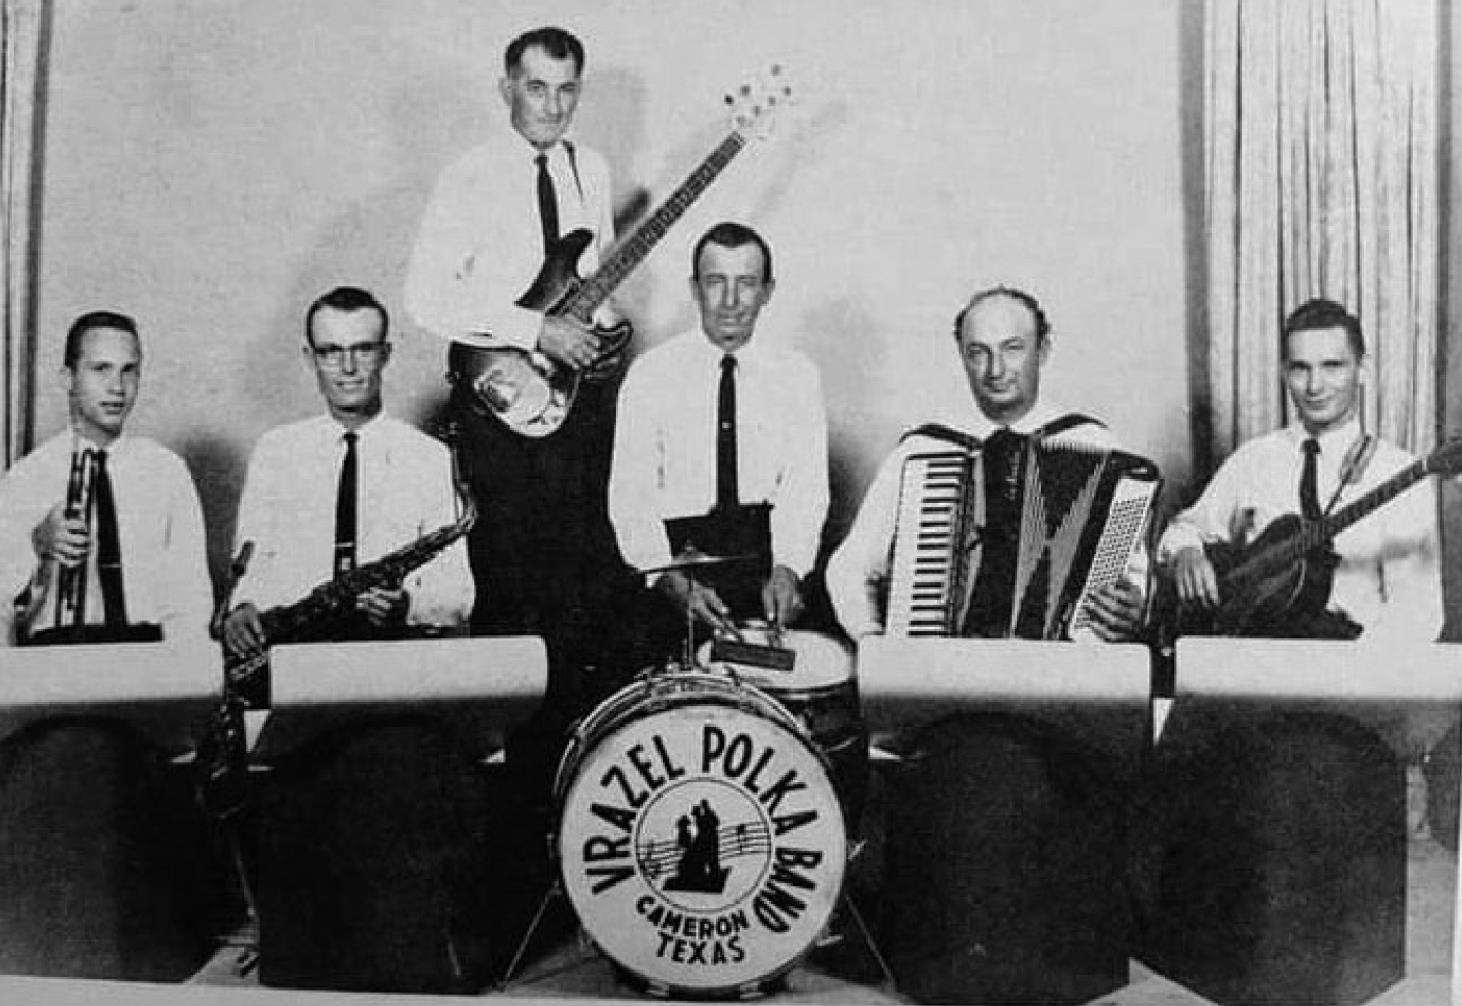 Larry Olejnik, Temple Trumpet Troubador